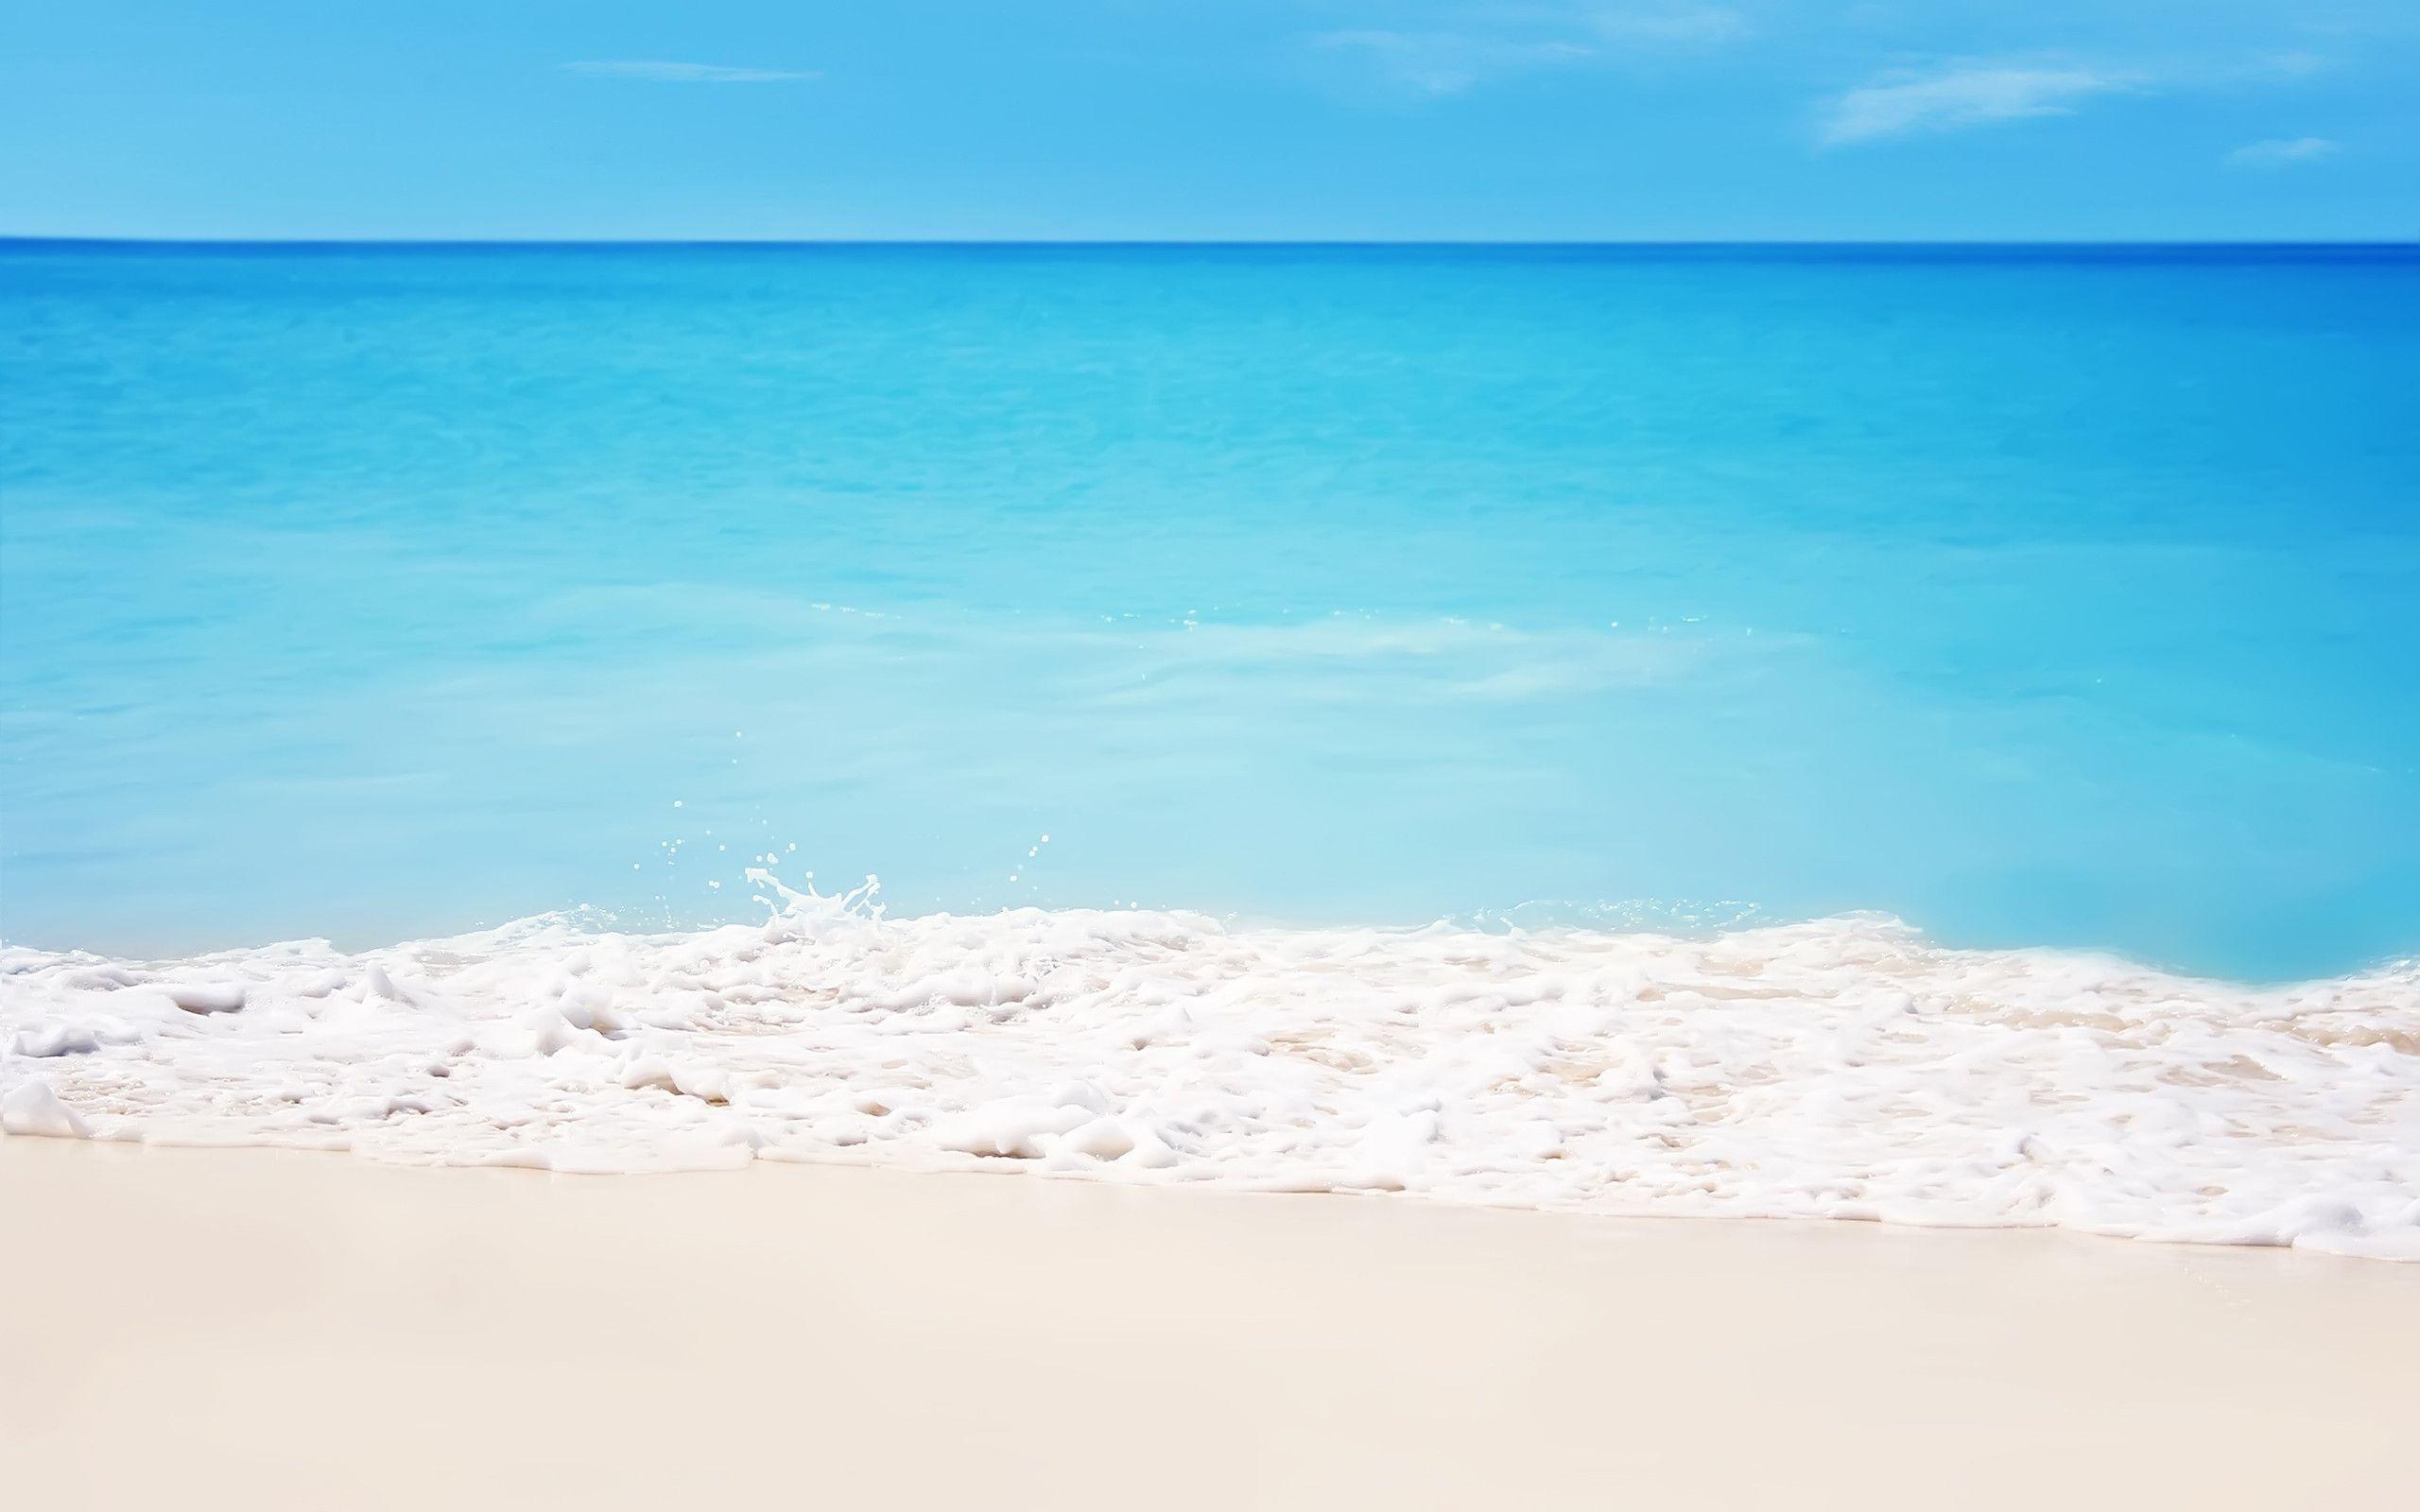 White Sand Beach Hd Wallpaper